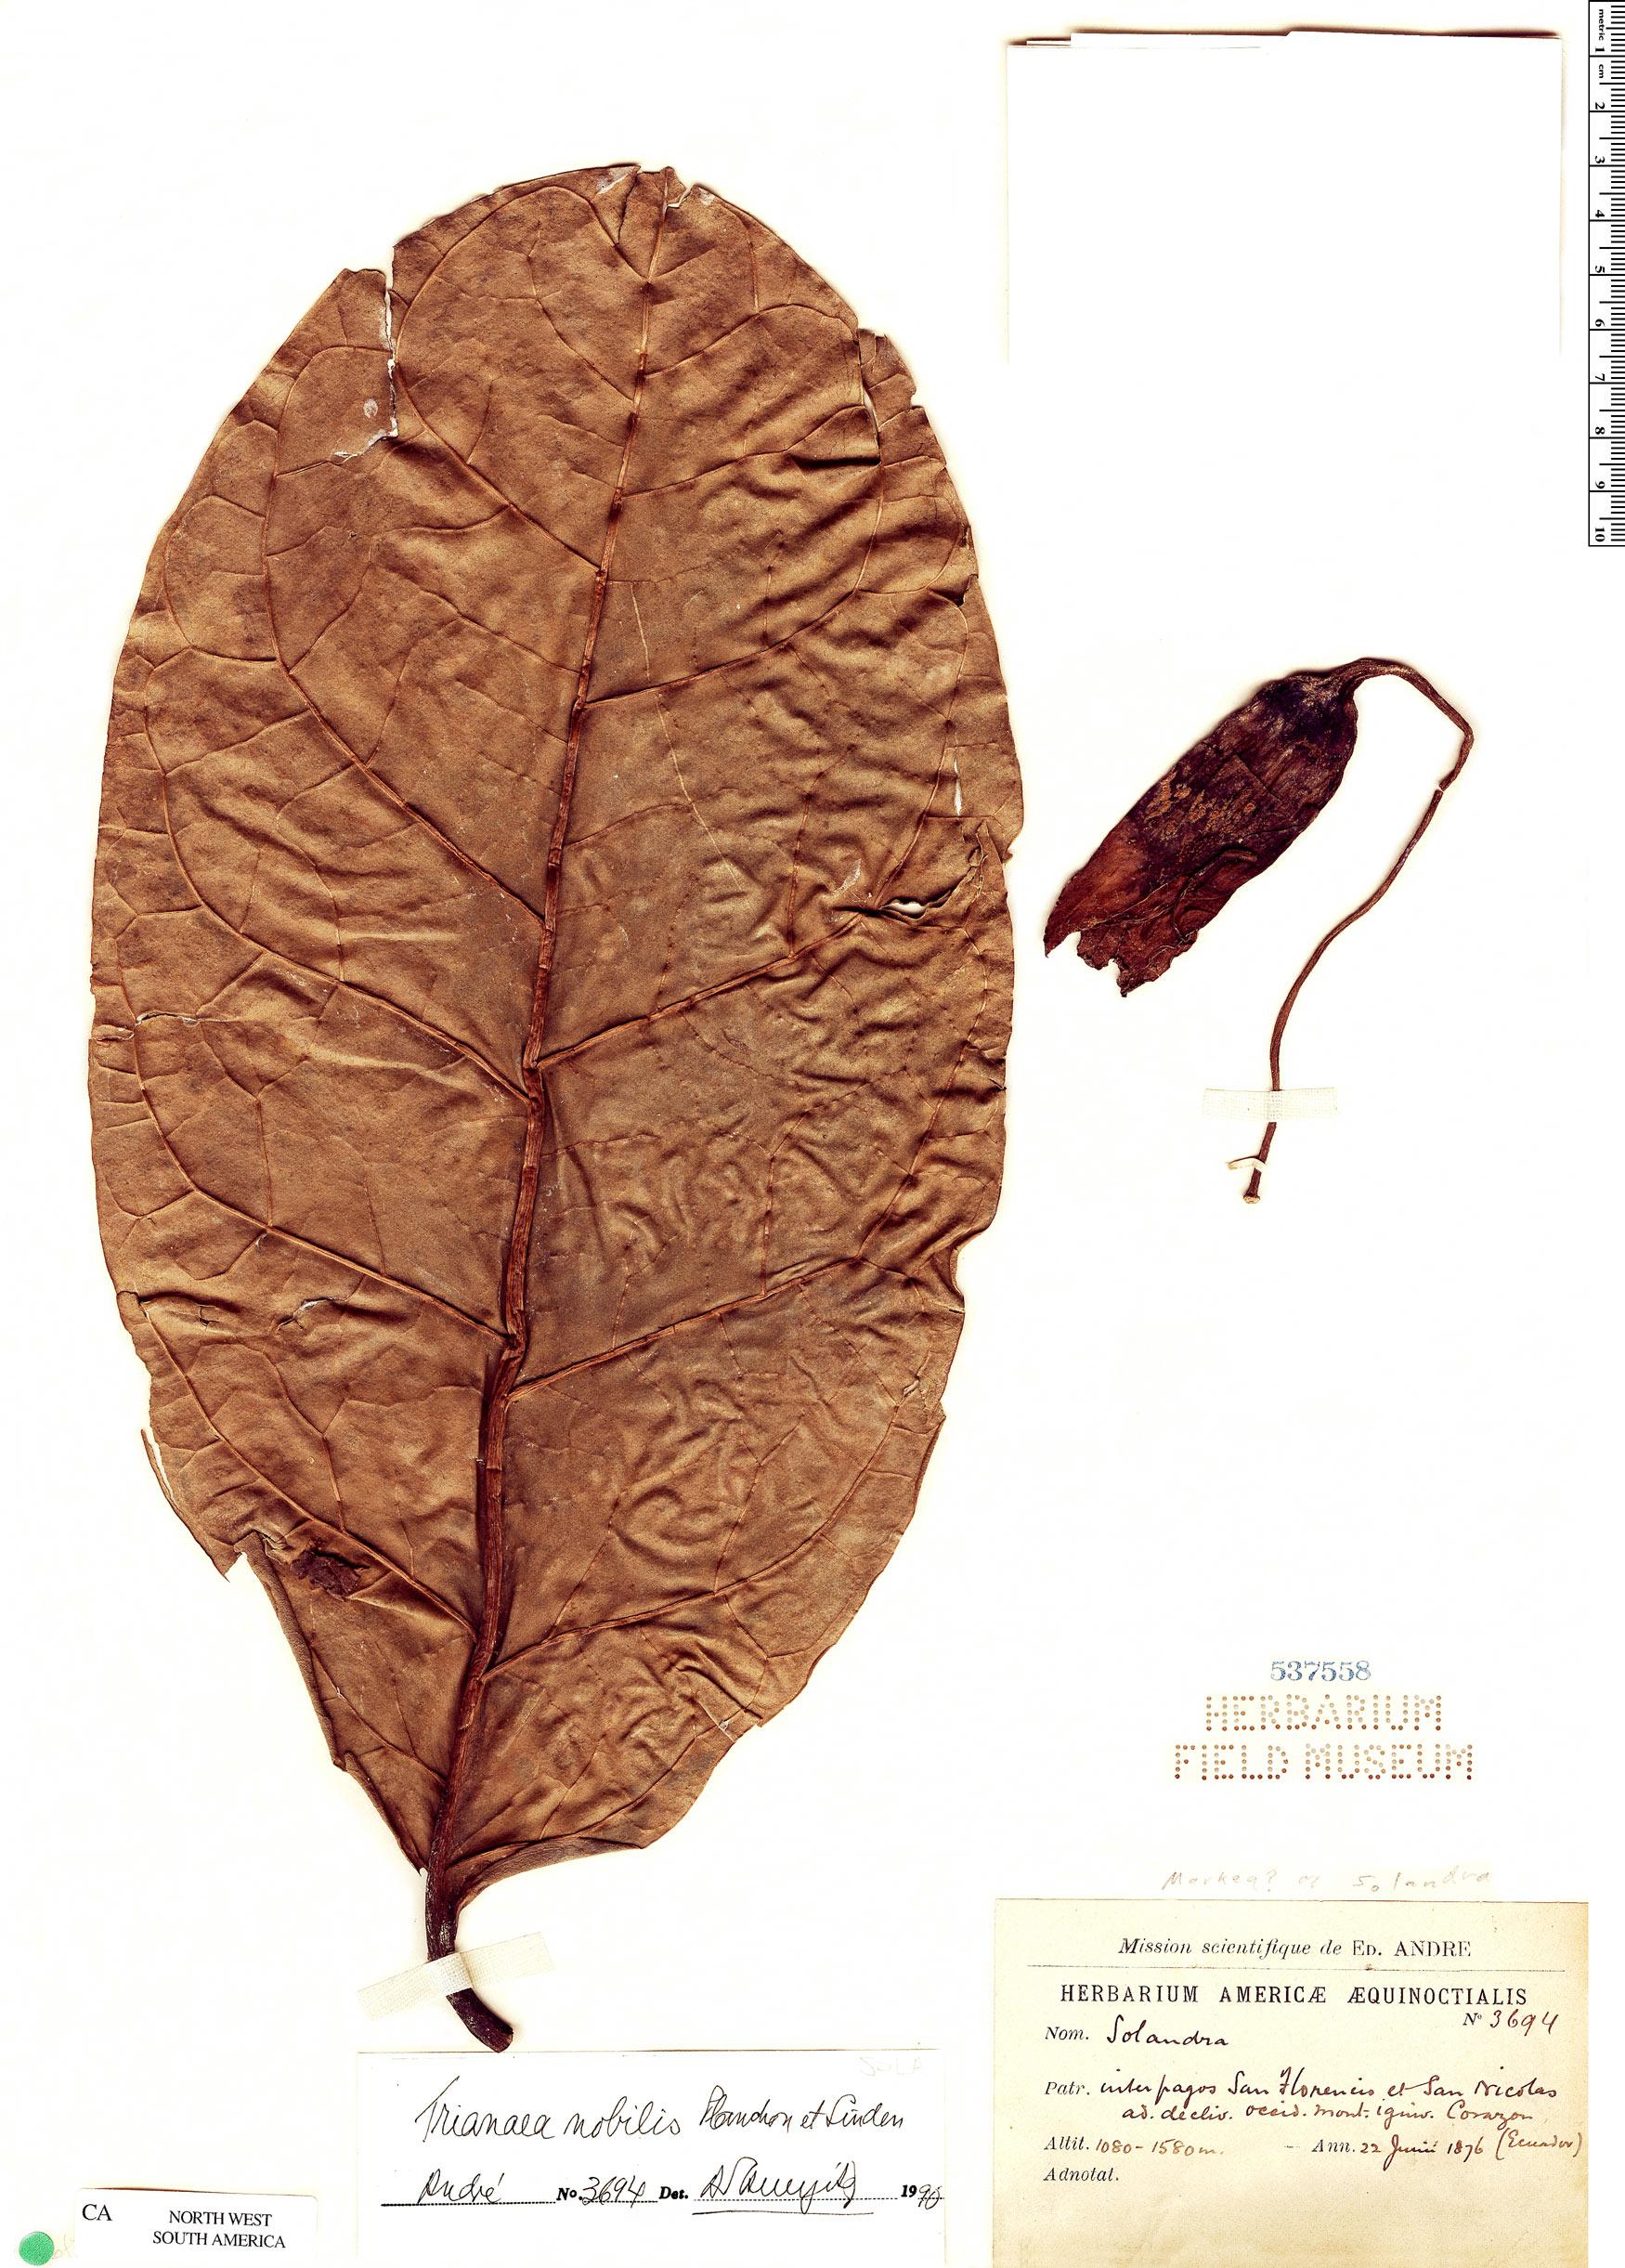 Specimen: Trianaea nobilis